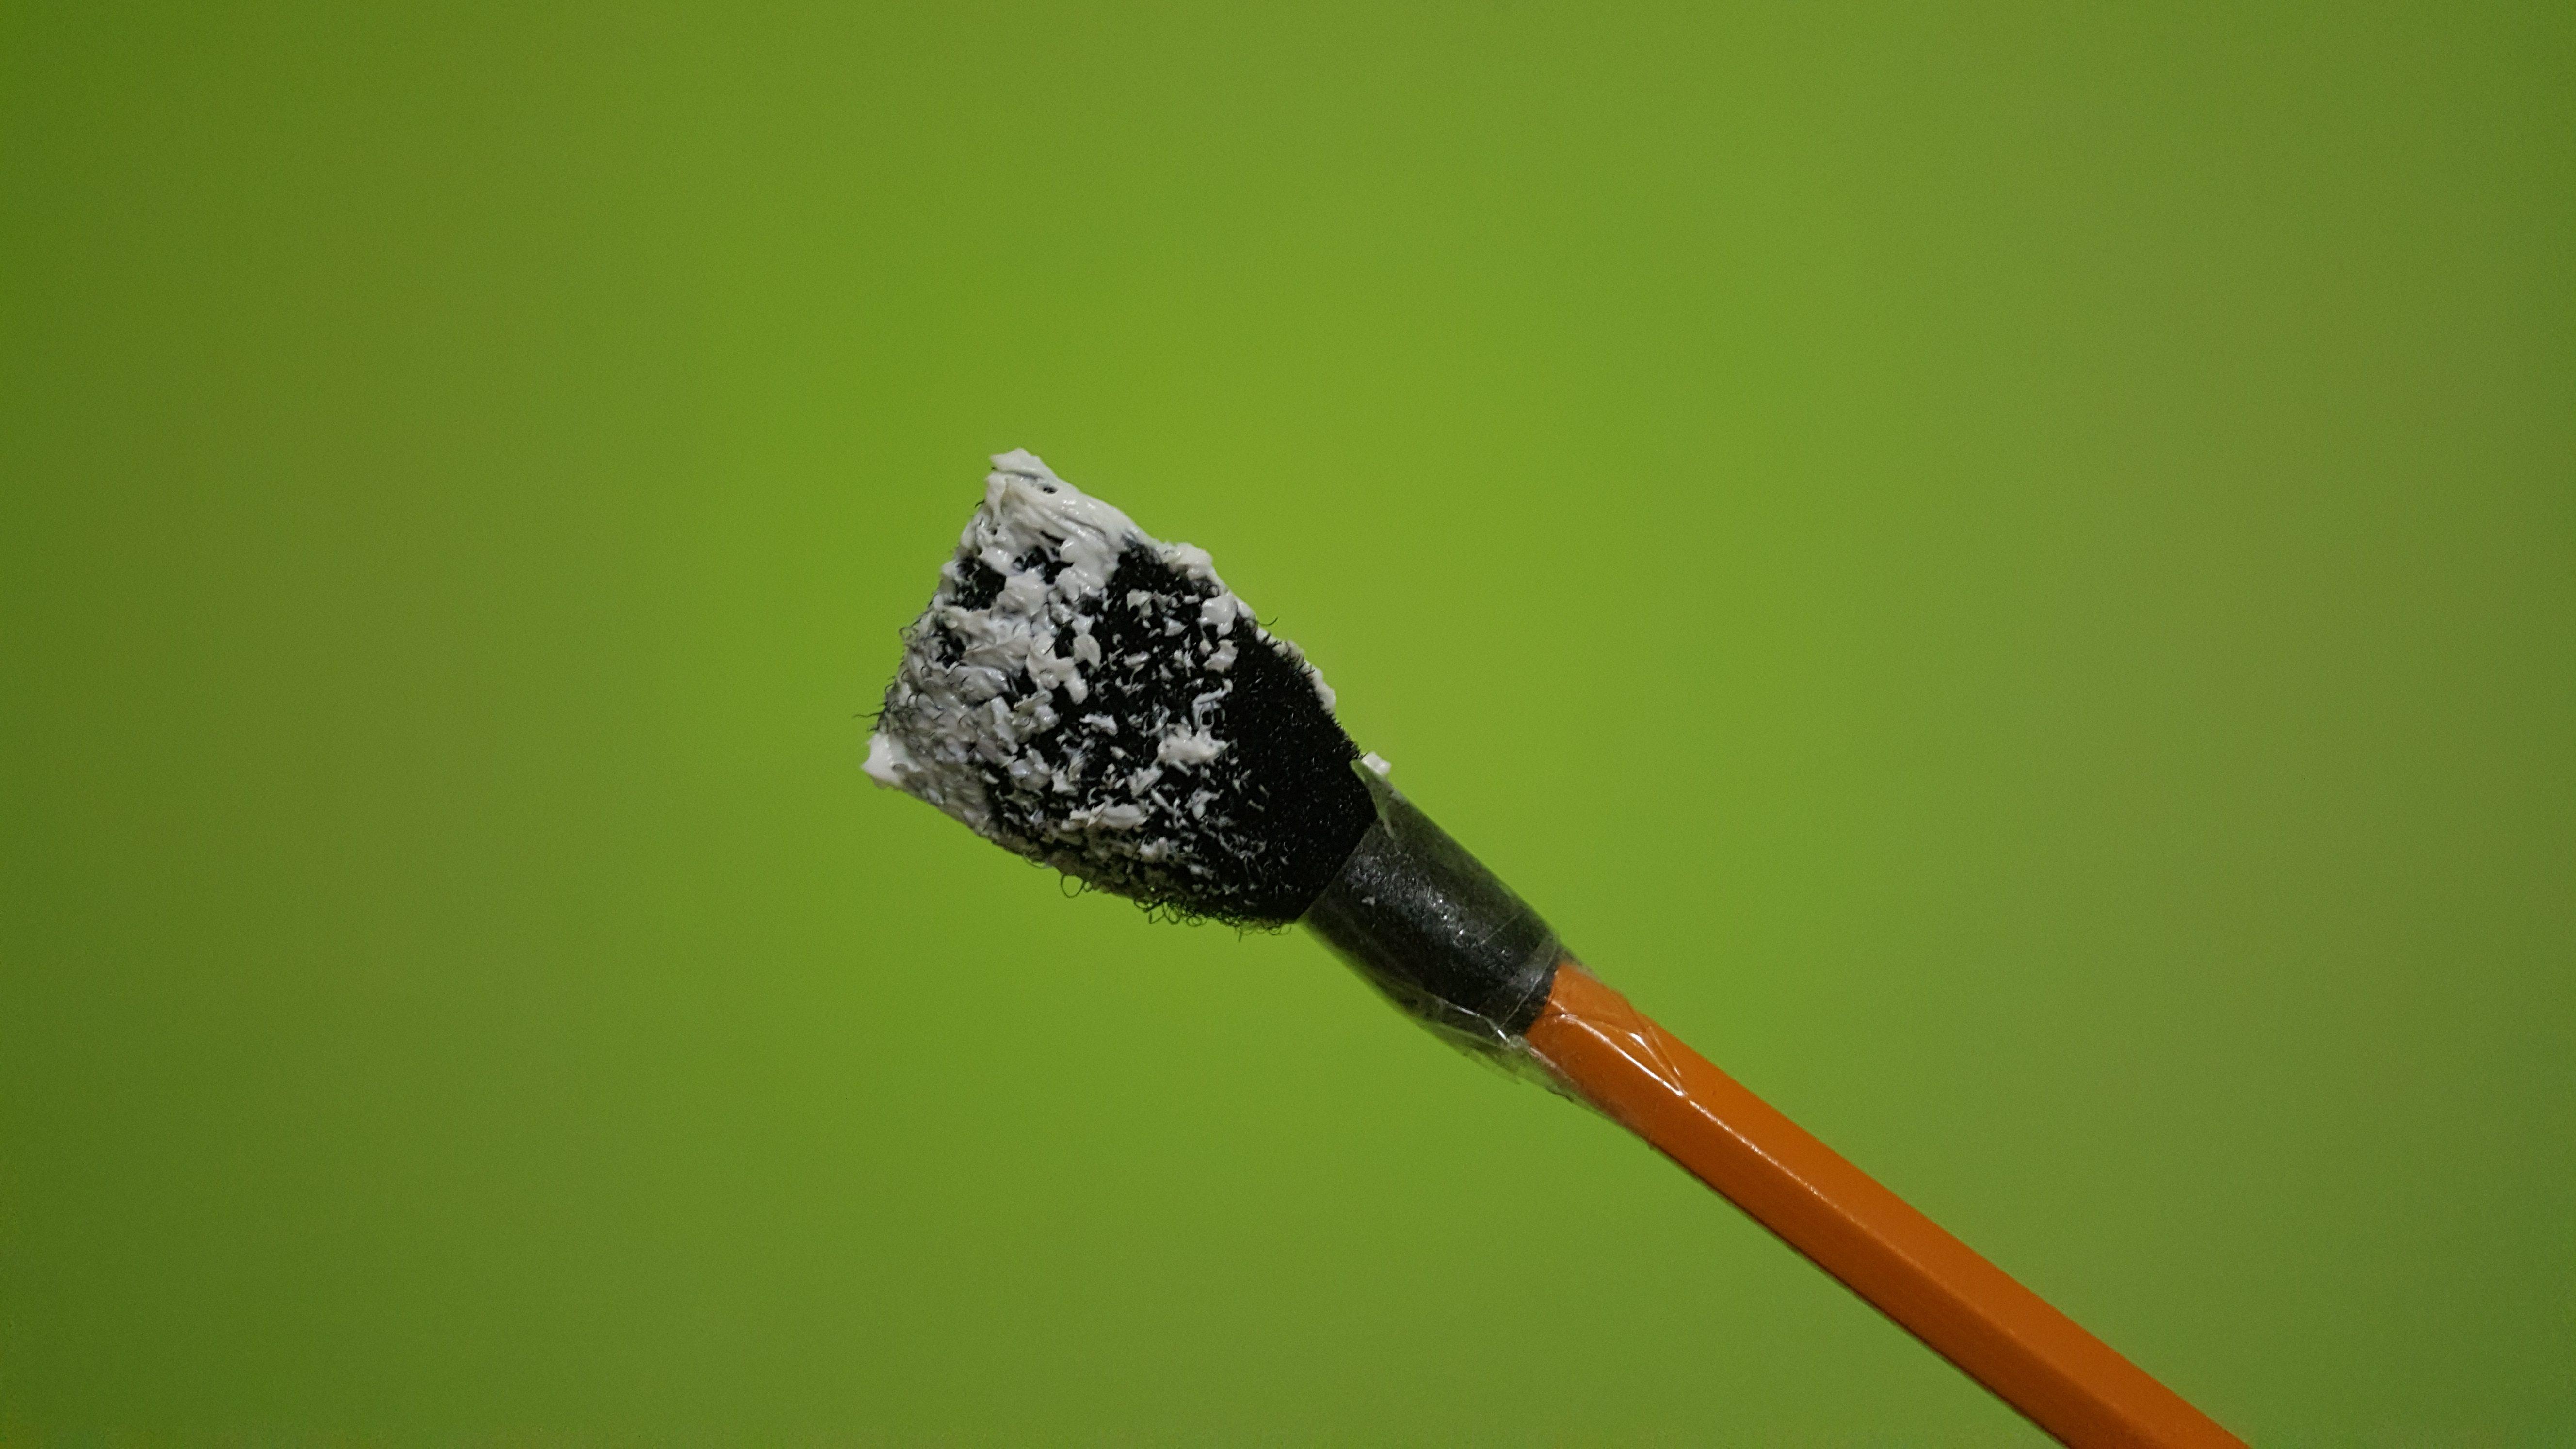 DIY Brush